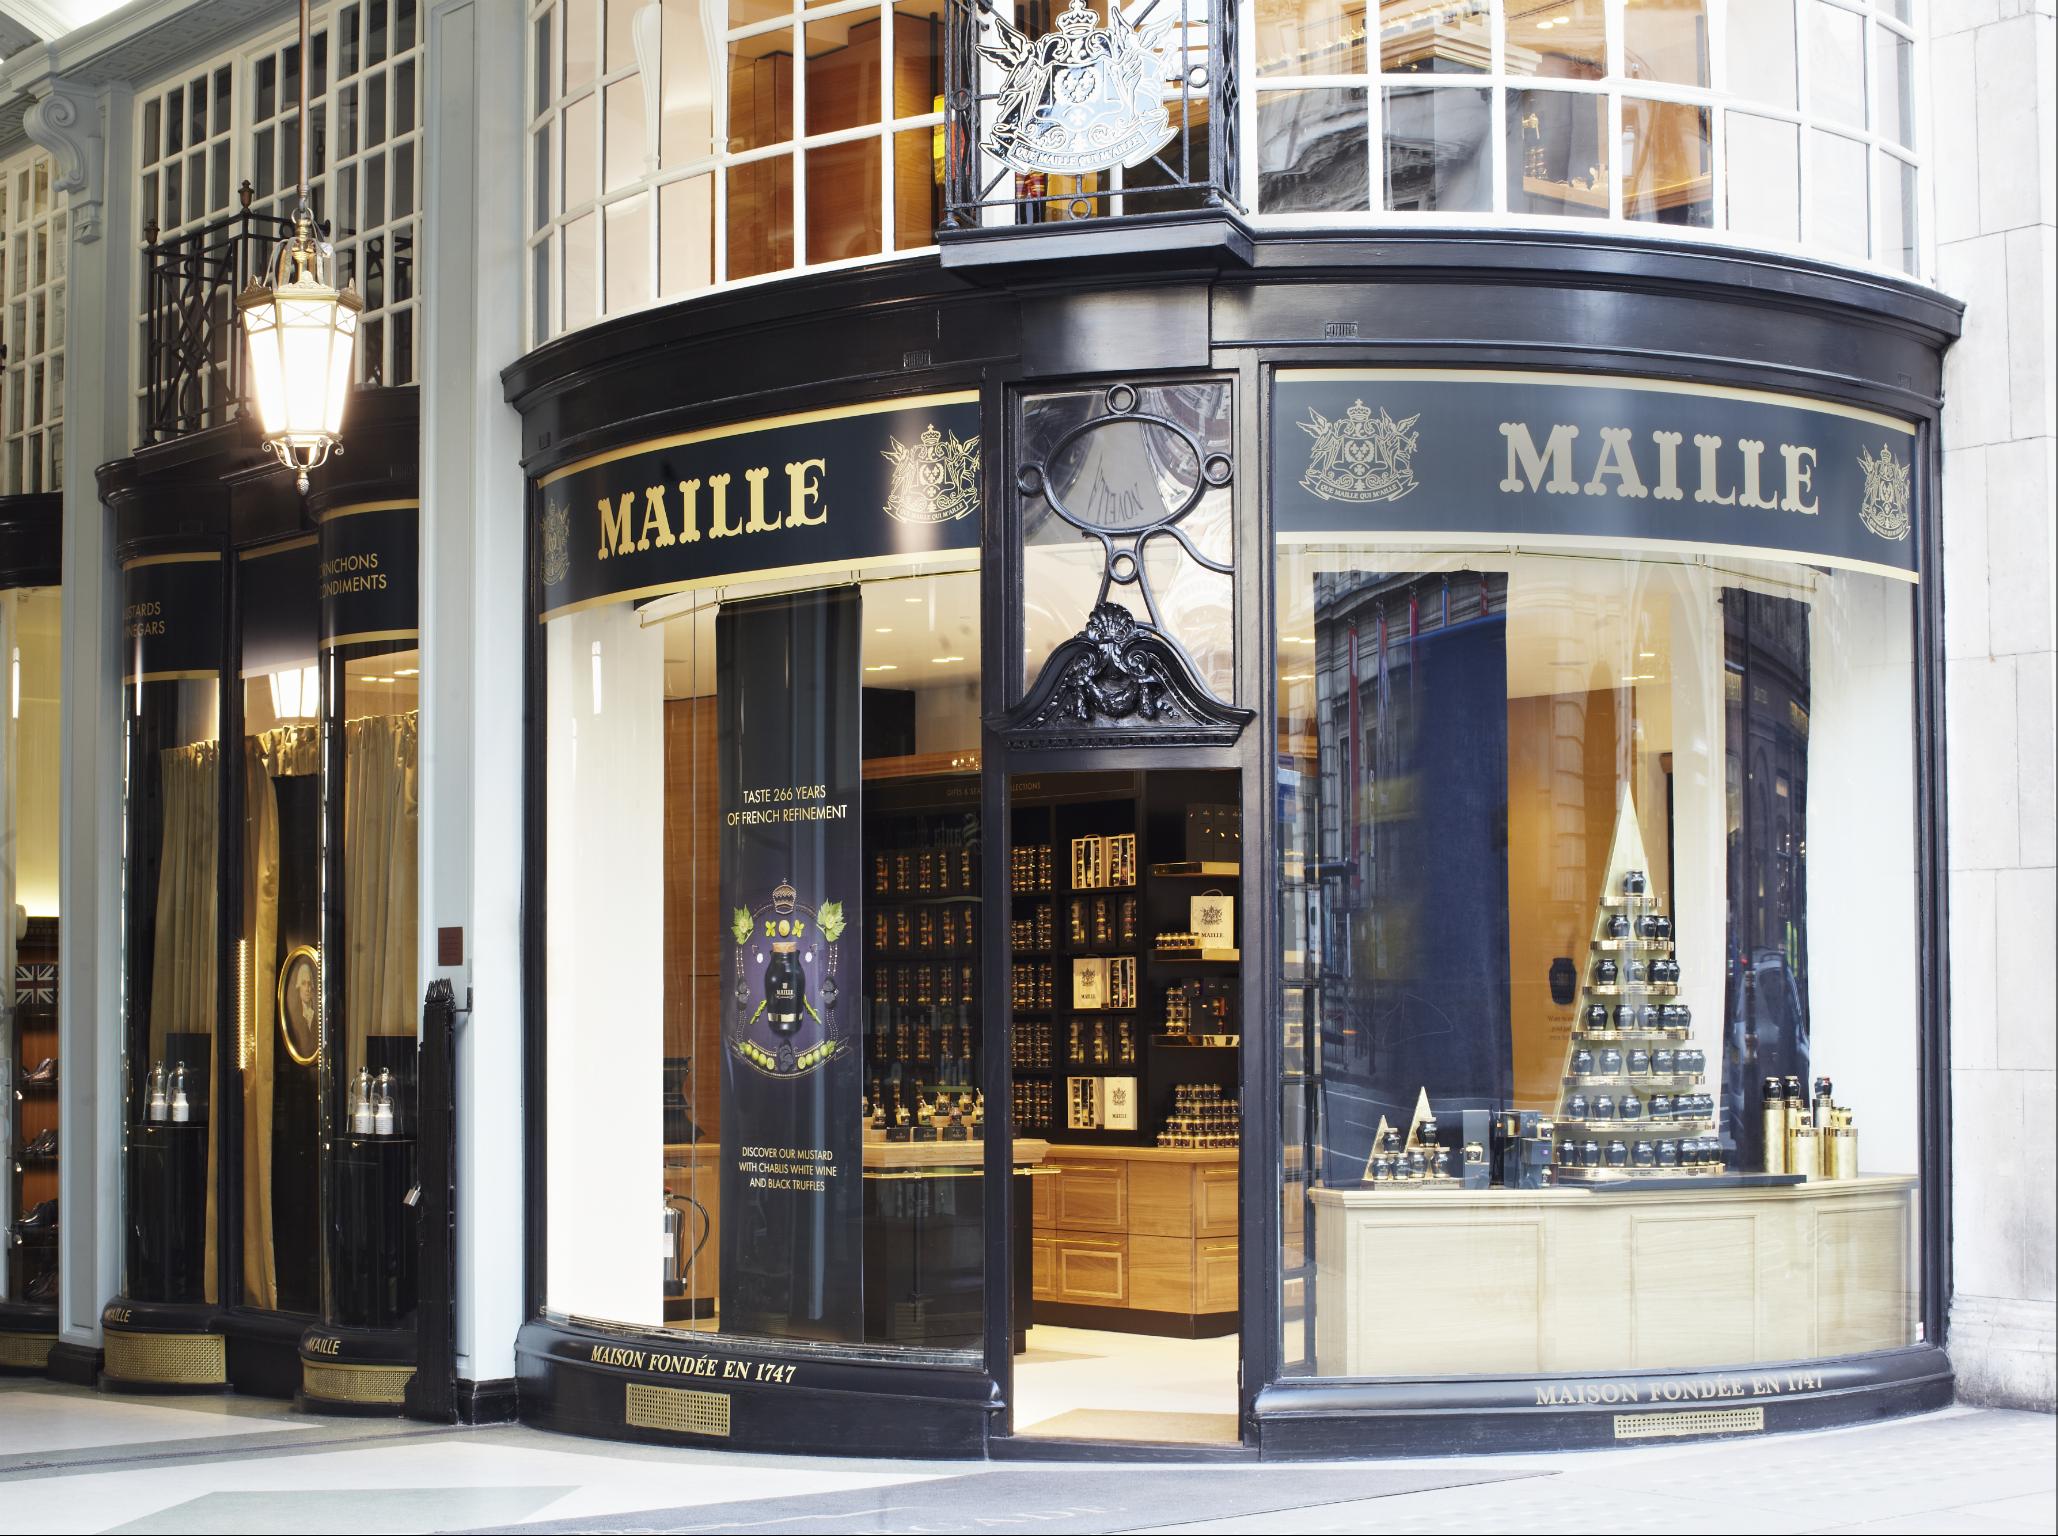 Maille Shop